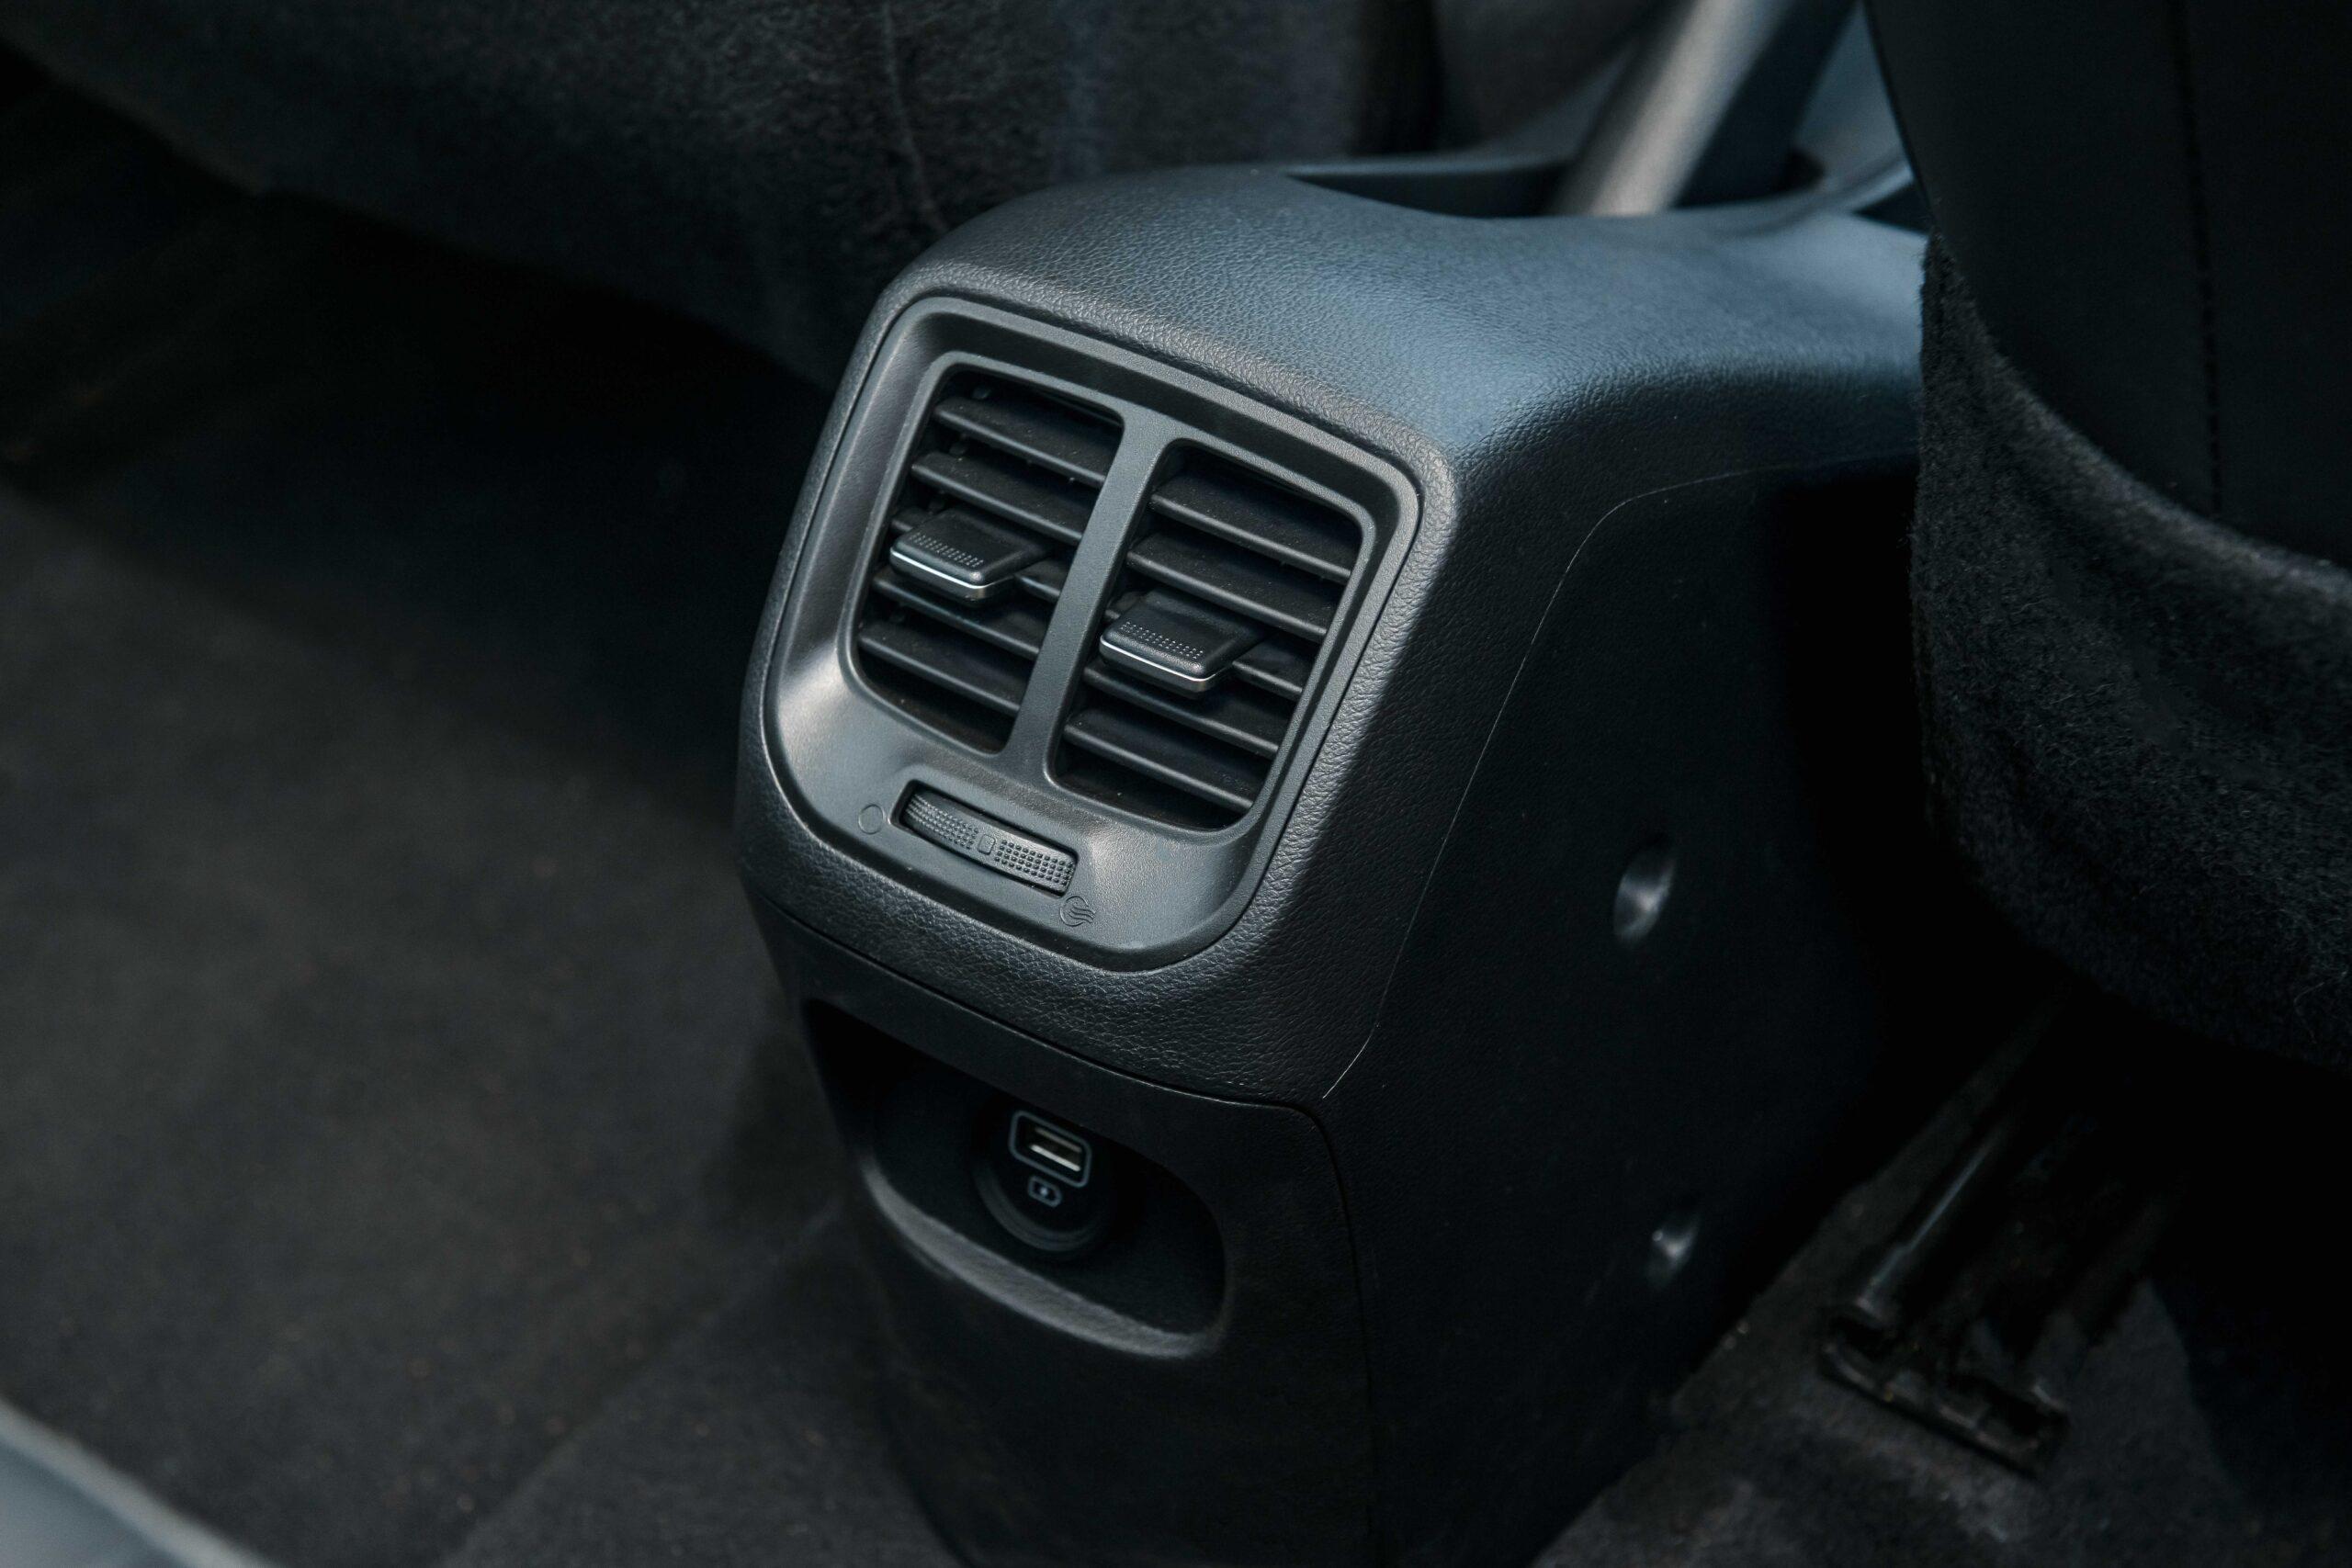 """Hệ thống gió riêng cho hàng ghế sau là điểm cộng giúp i10 phiên bản mới dễ dàng """"qua mặt"""" nhiều đối thủ"""